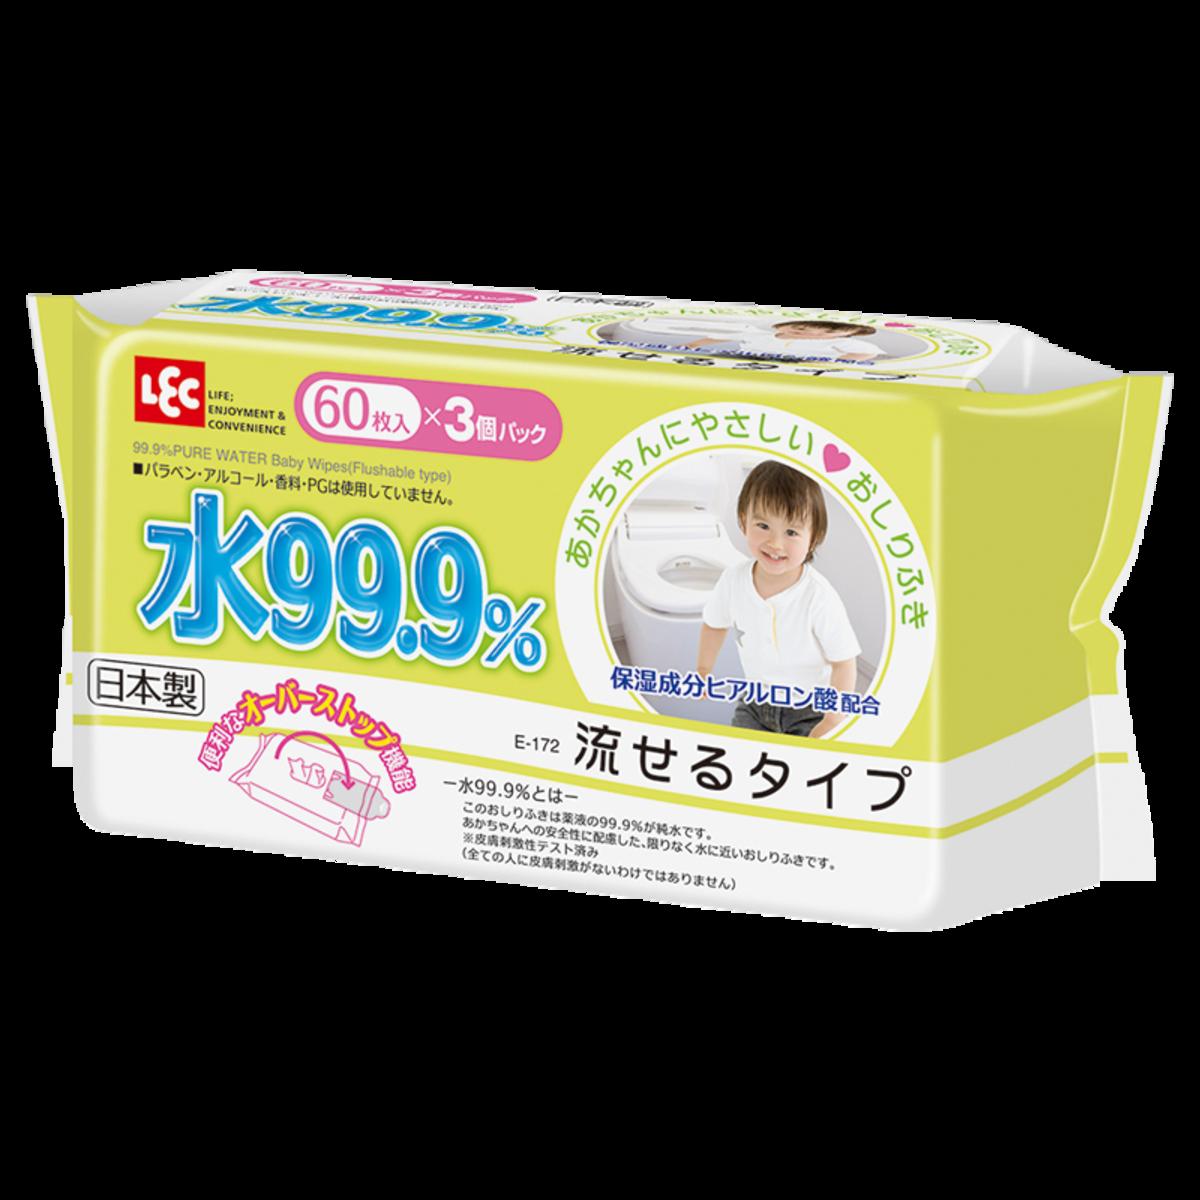 水99.9%幼兒濕抹巾 (水溶廁棄式) 60片 x 3包